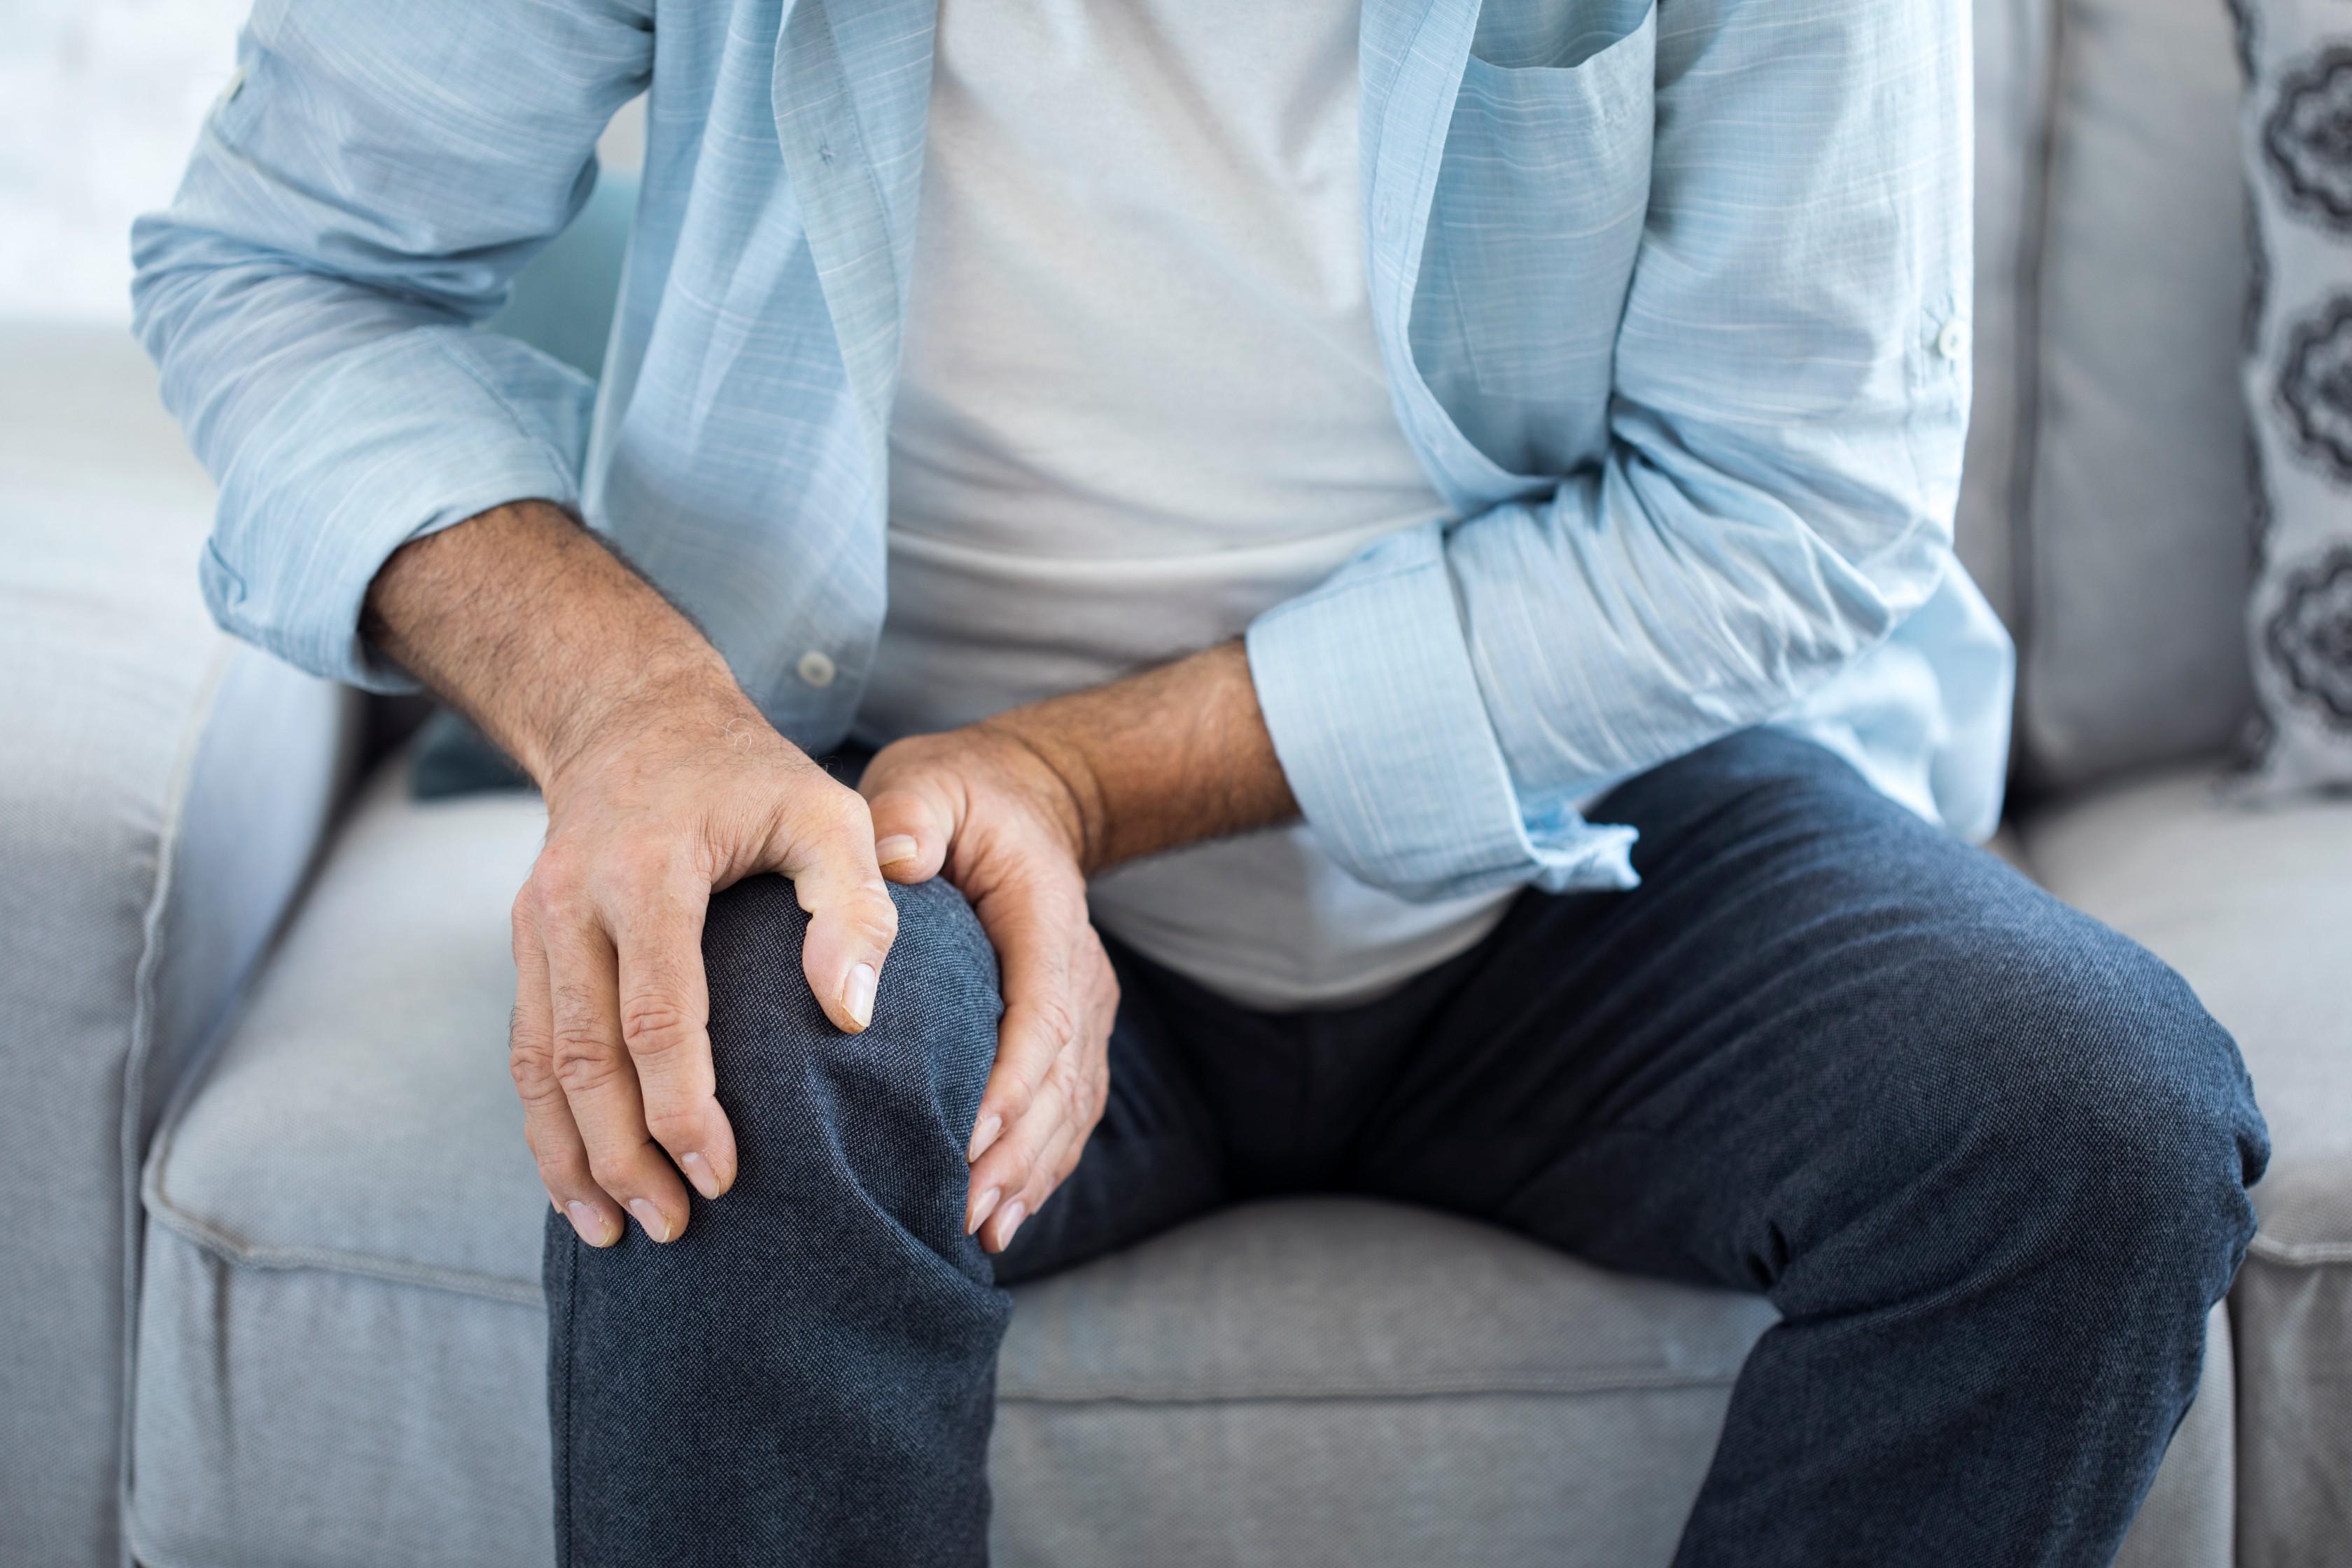 ízületi fájdalom jelei és kezelése ízületi gyulladás és ureaplasma, mint kezelni